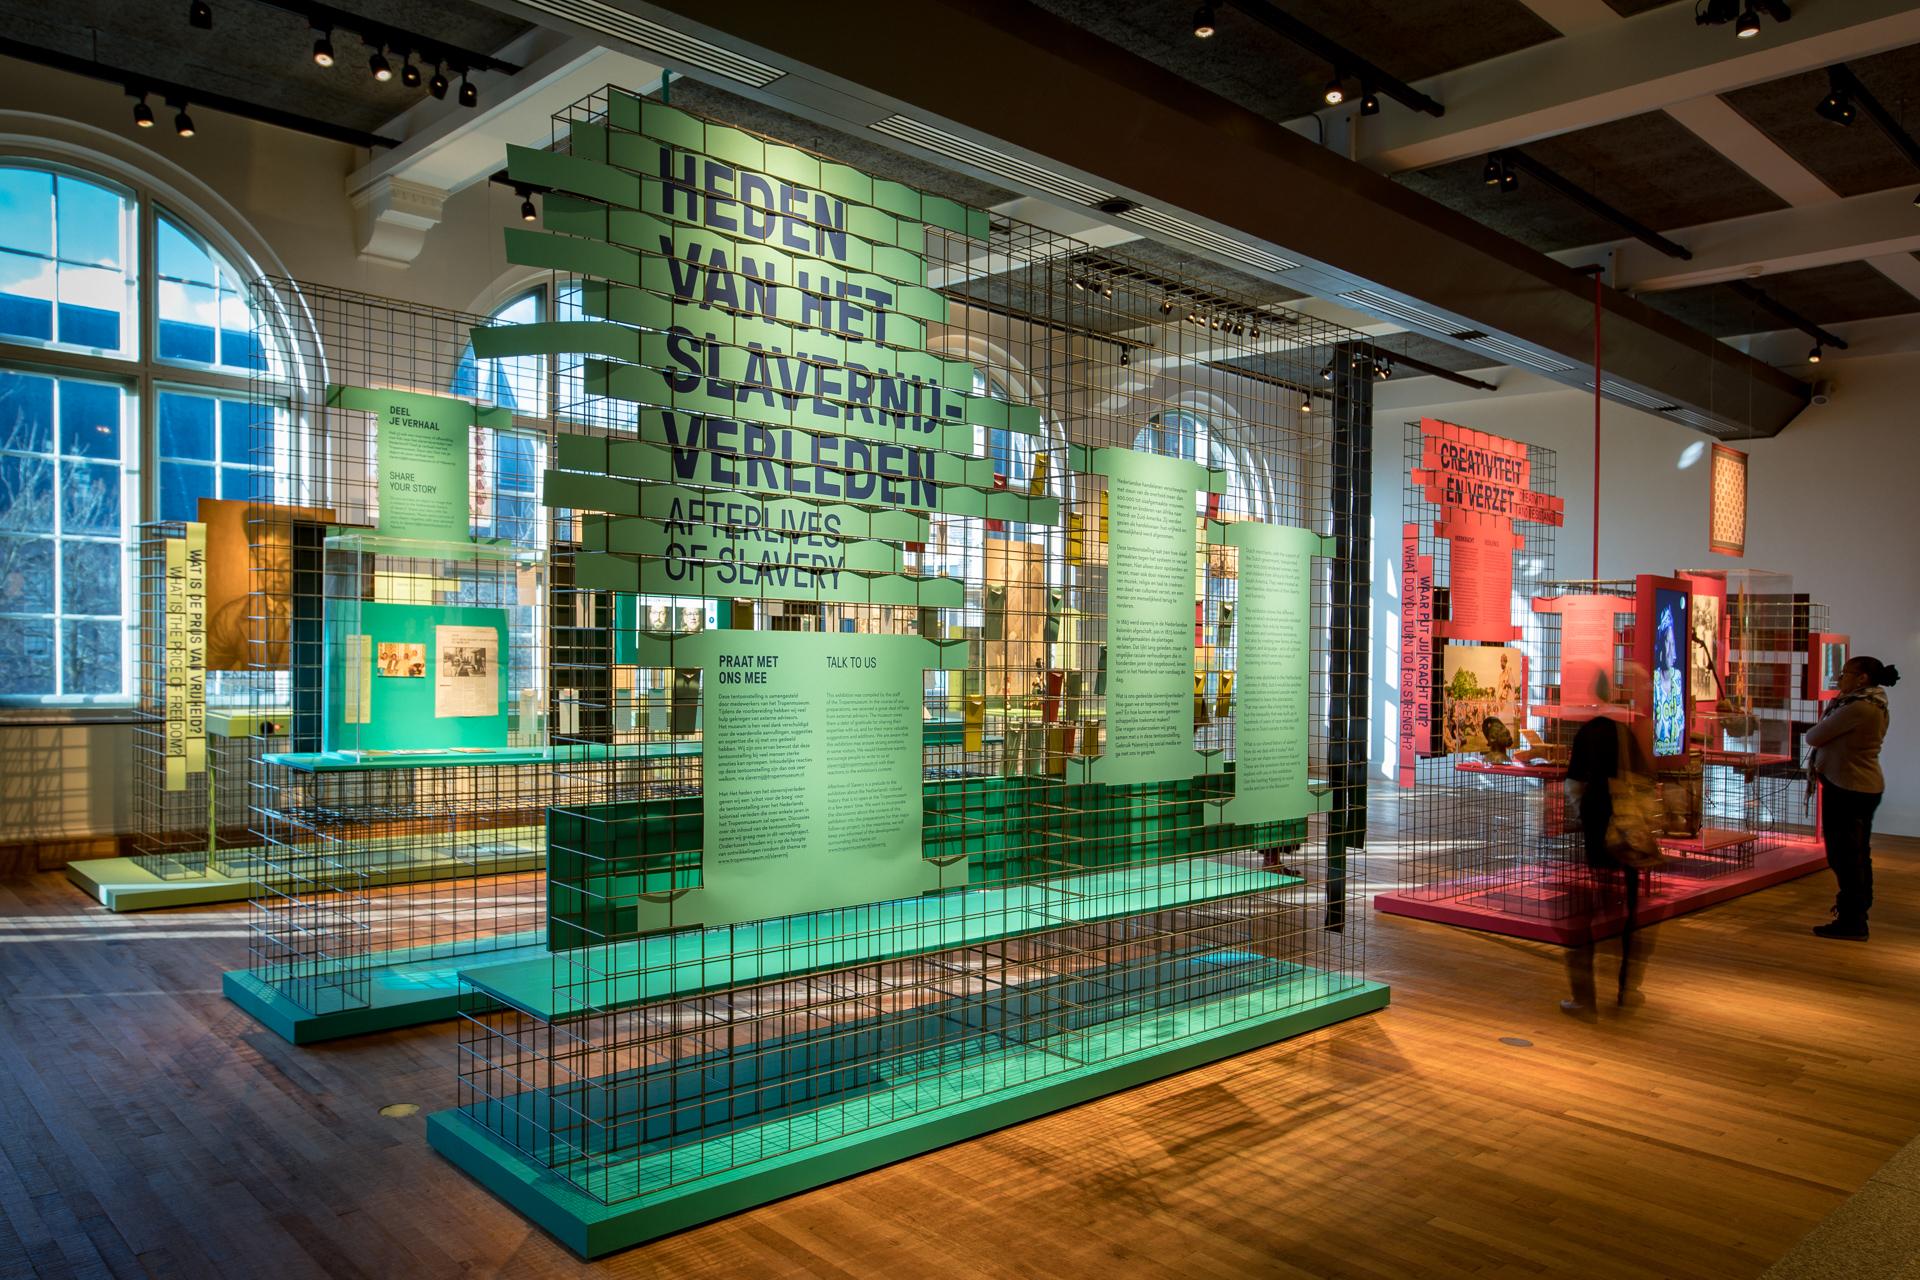 tentoonstellingsontwerp heden van het slavernijverleden tropenmuseum 1 jpg